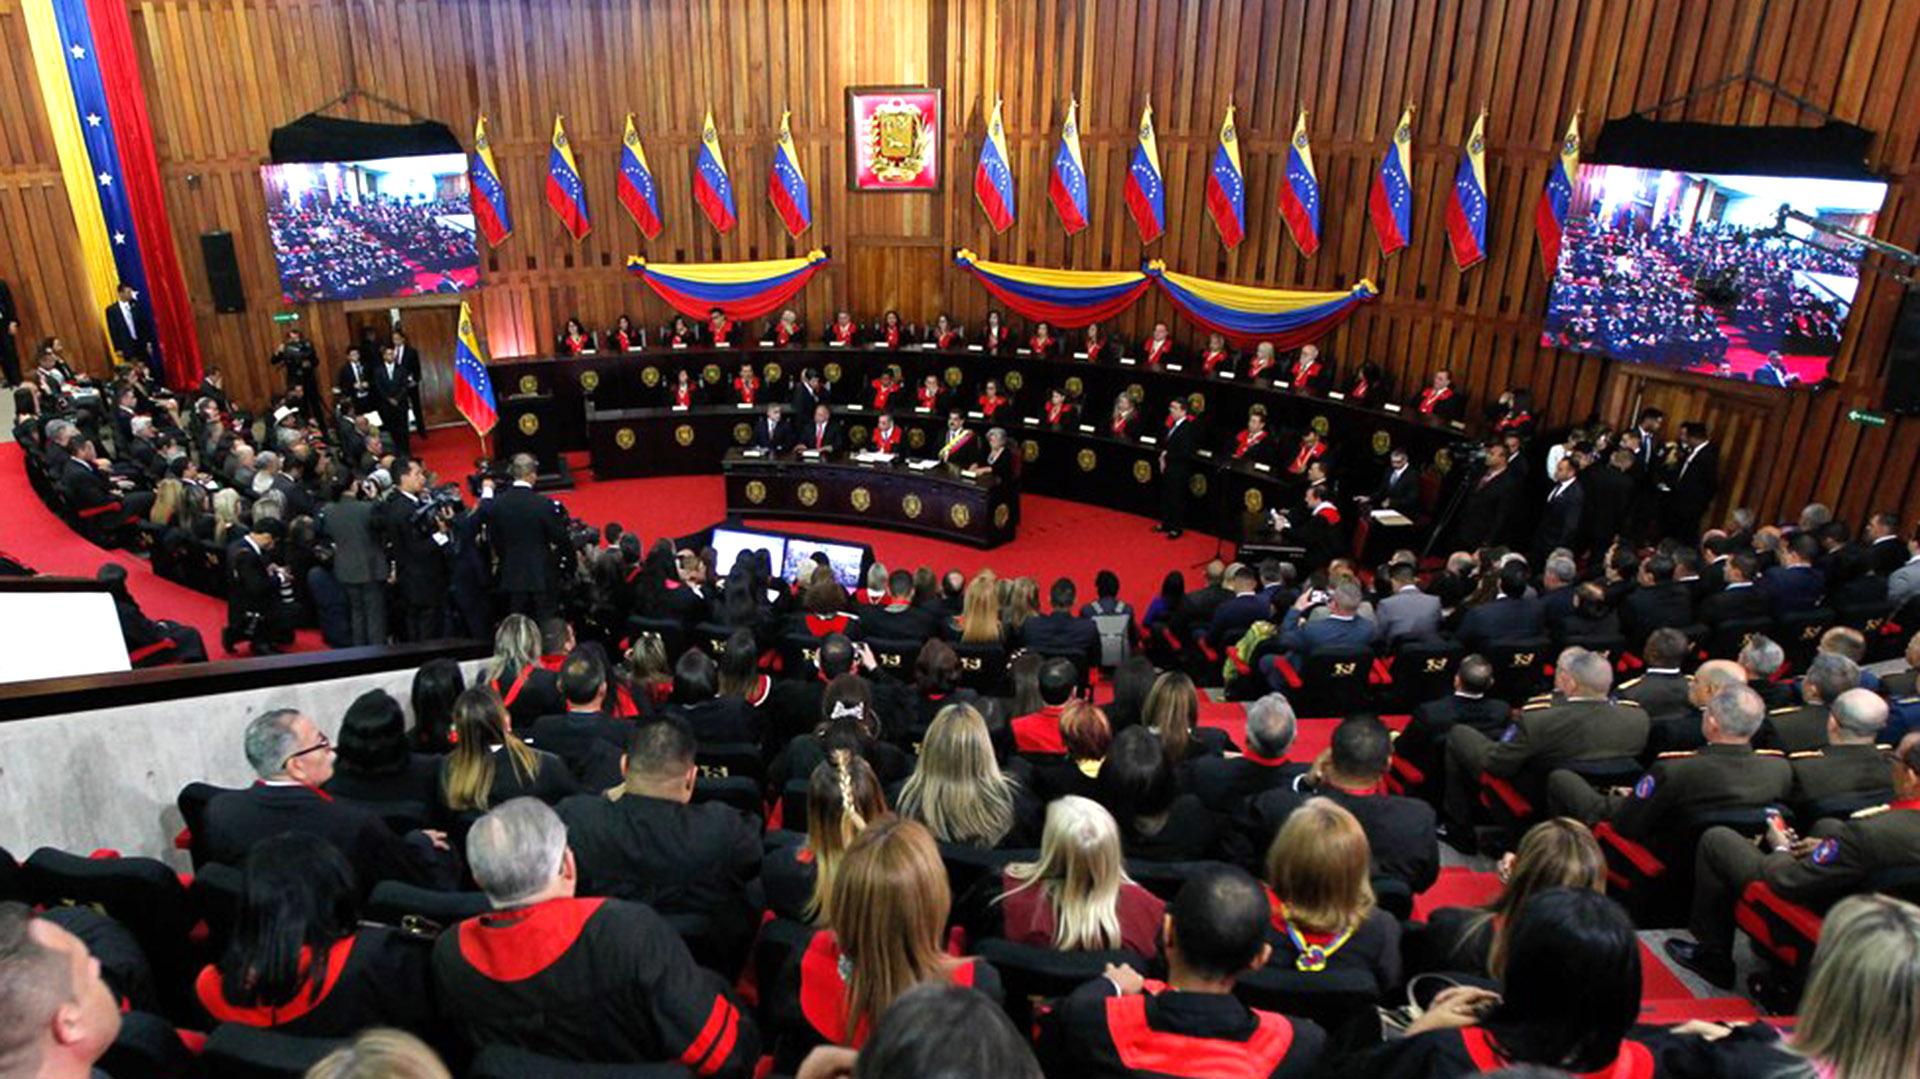 El Tribunal Supremo de Justicia de Venezuelaordenó quitarle la inmunidad a otros cuatro diputados opositores